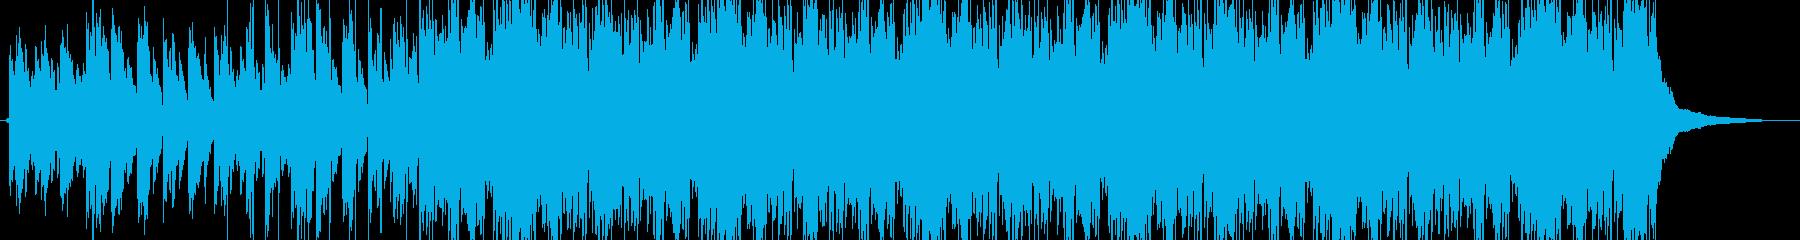 ピアノが印象的なバラード風トラックの再生済みの波形